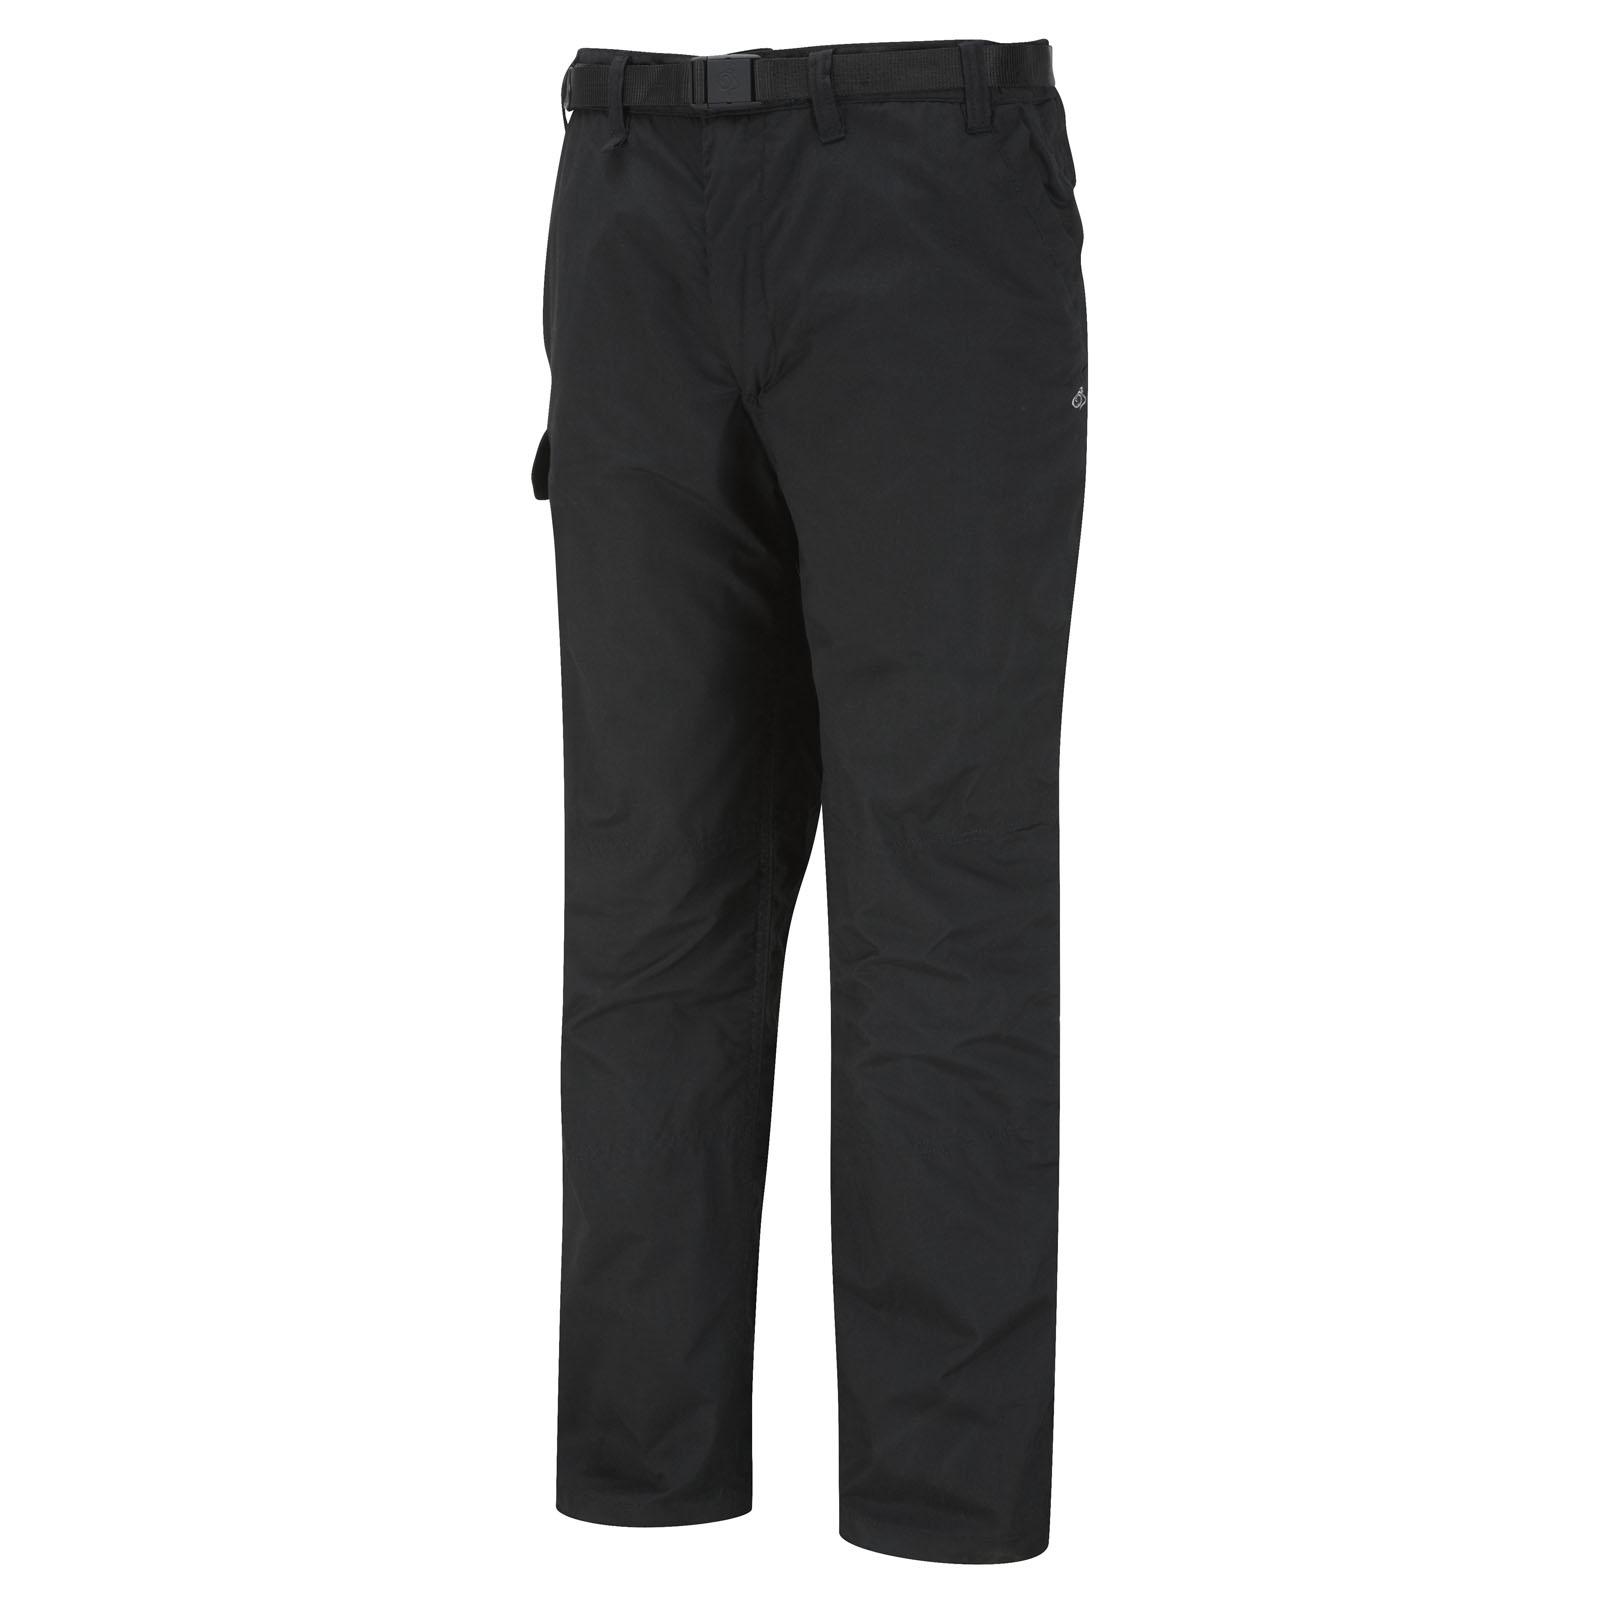 Craghoppers Homme Kiwi Hiver £ Doublé Marche Pantalon RRP £ Hiver 60 be5b2d